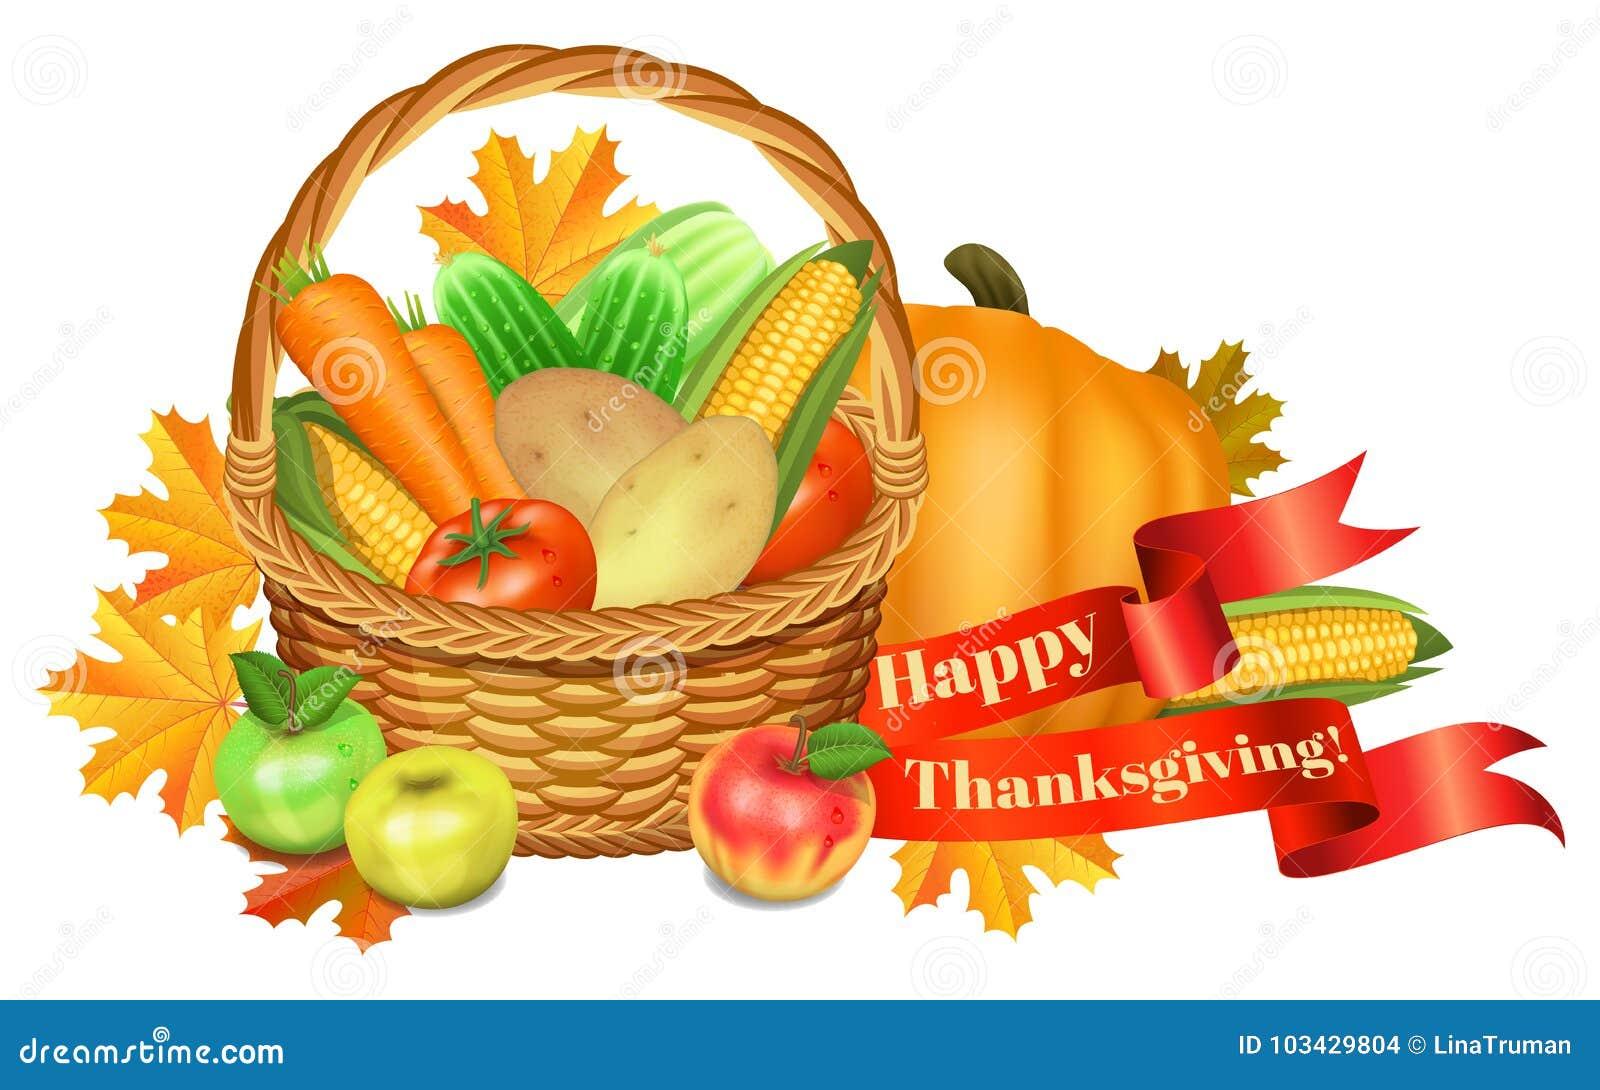 Ca karcianego powitania szczęśliwy ilustracj dziękczynienie Kosz z warzywami, jabłka